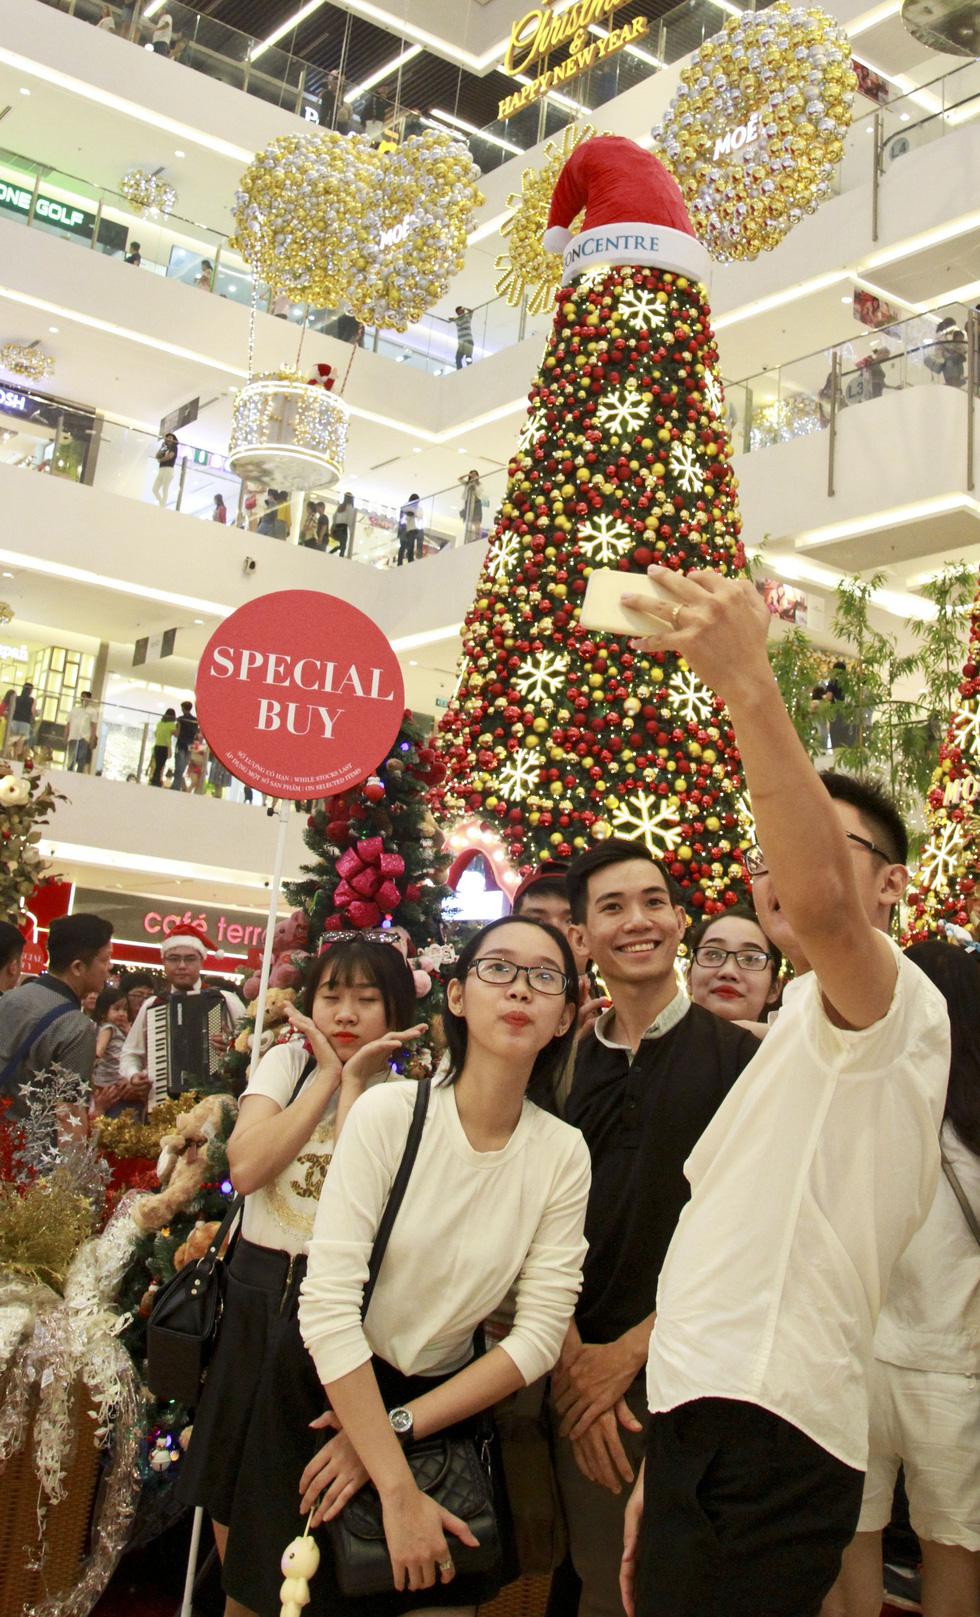 Giới trẻ Sài Gòn nô nức chụp ảnh Giáng sinh - Ảnh 10.